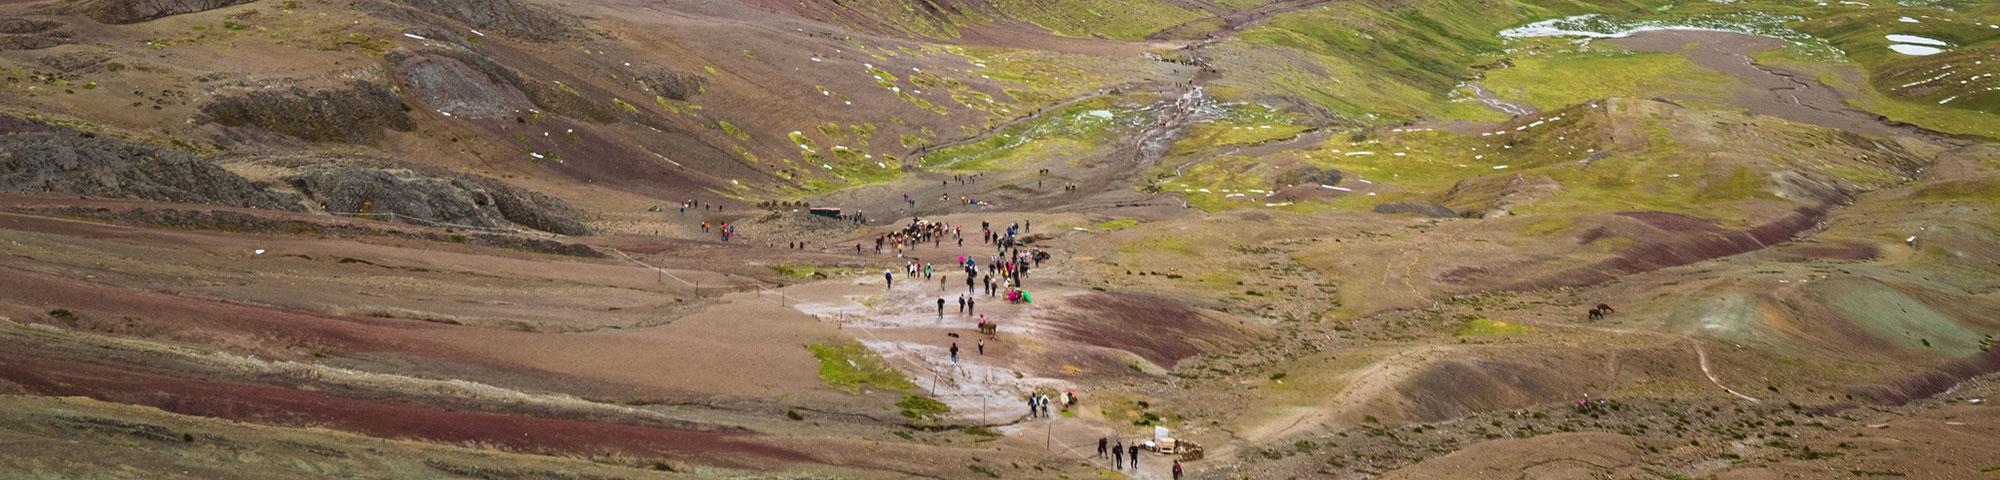 Vinicunca o Montaña de 7 colores